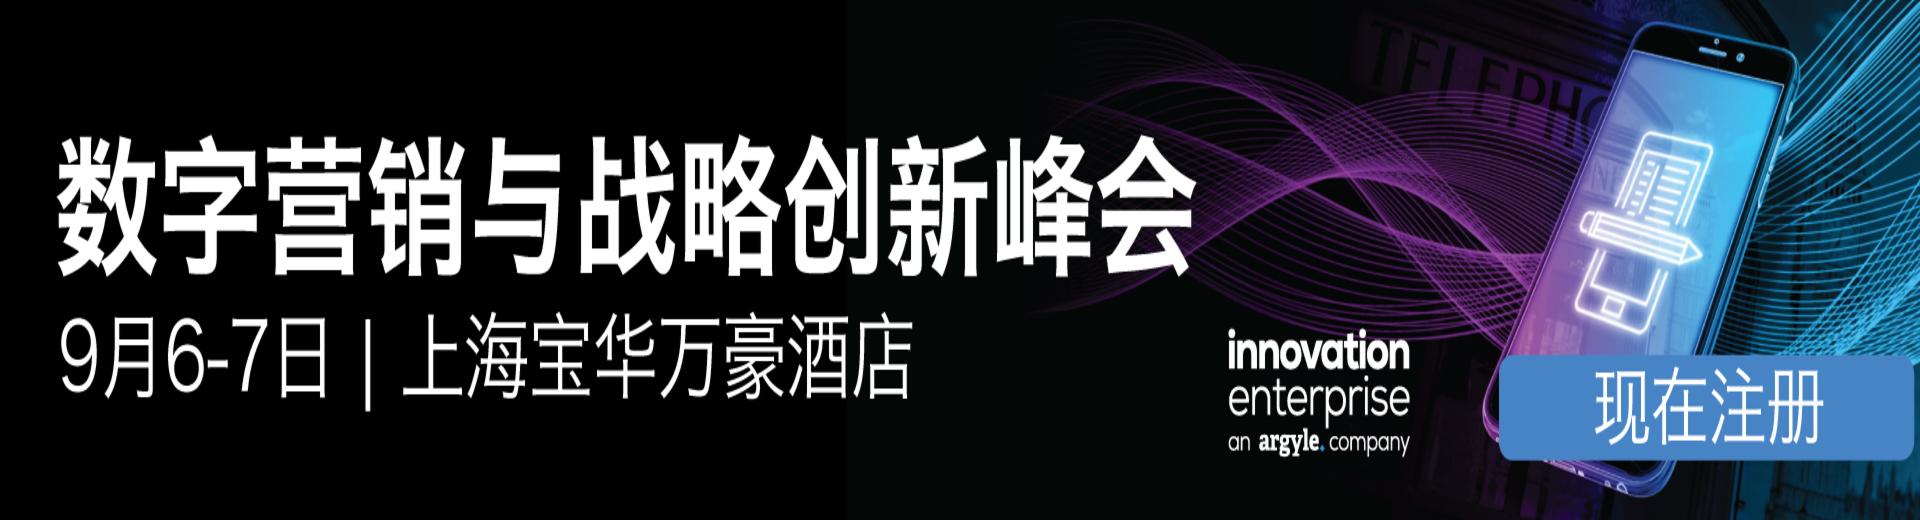 2017上海第二届数字营销与战略创新峰会